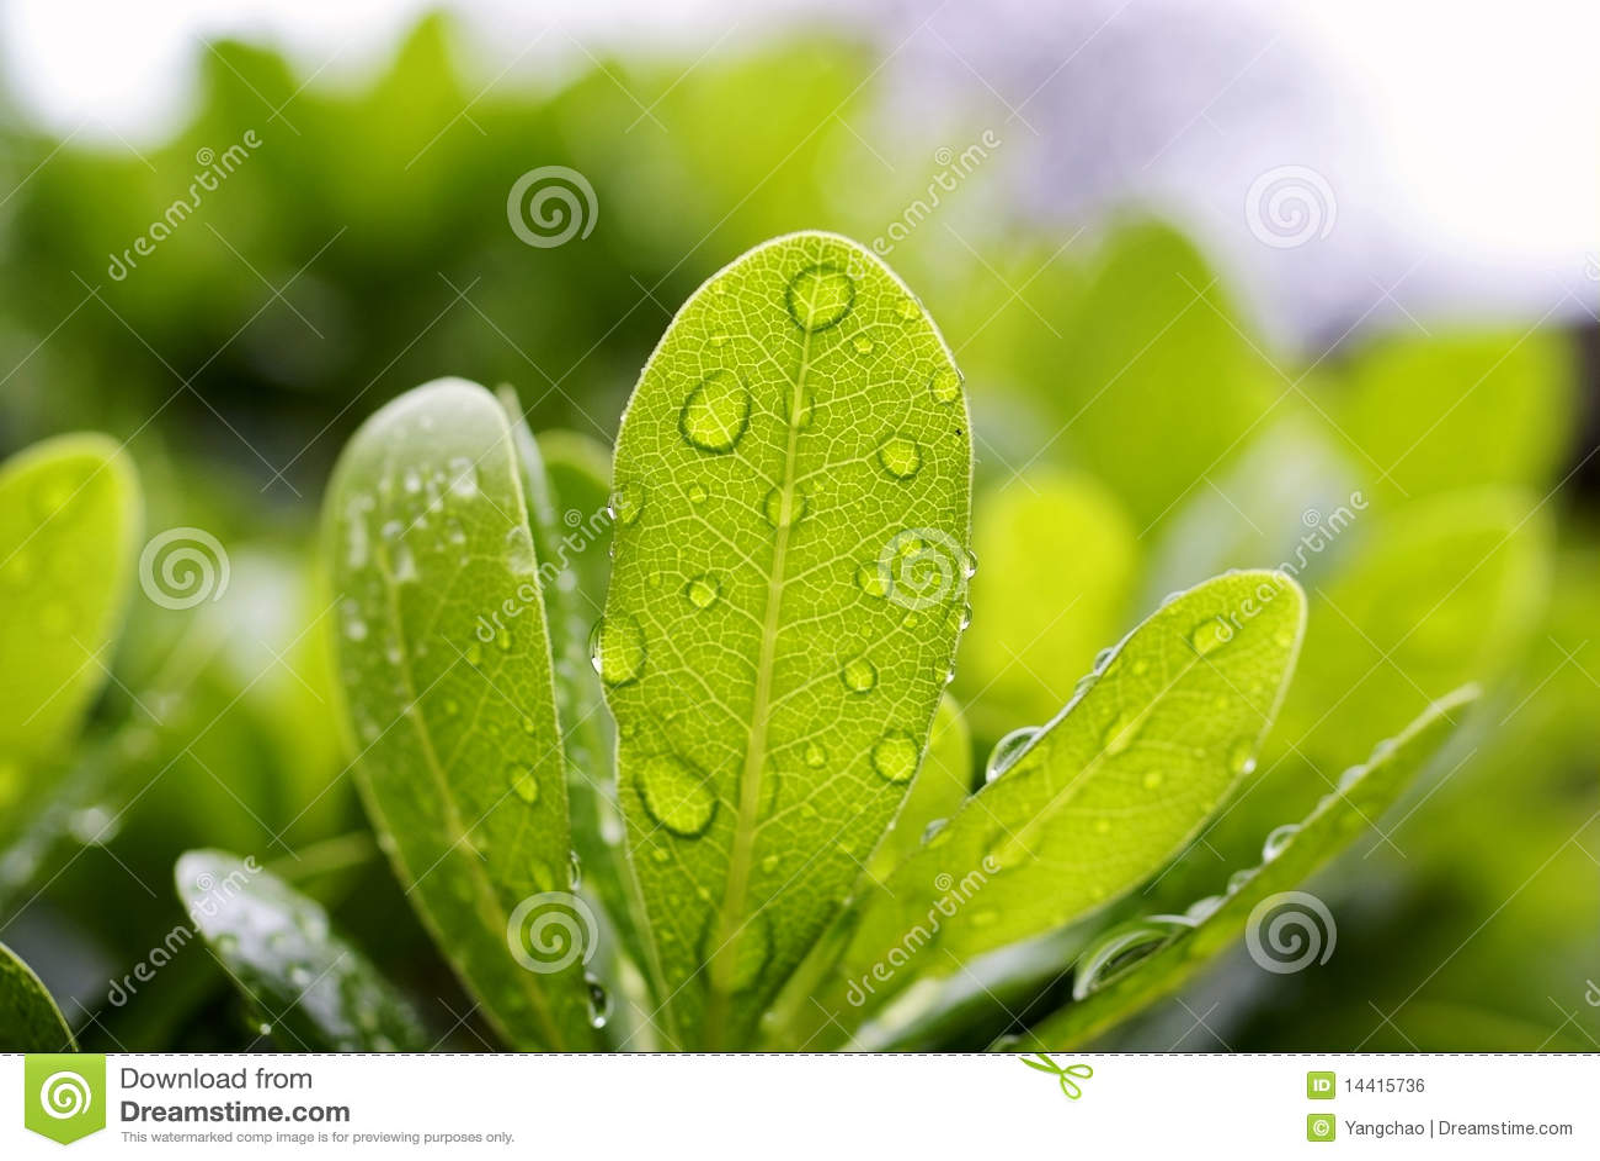 De daling van het water op blad royalty vrije stock afbeelding afbeelding 14415736 - Groen behang van het water ...